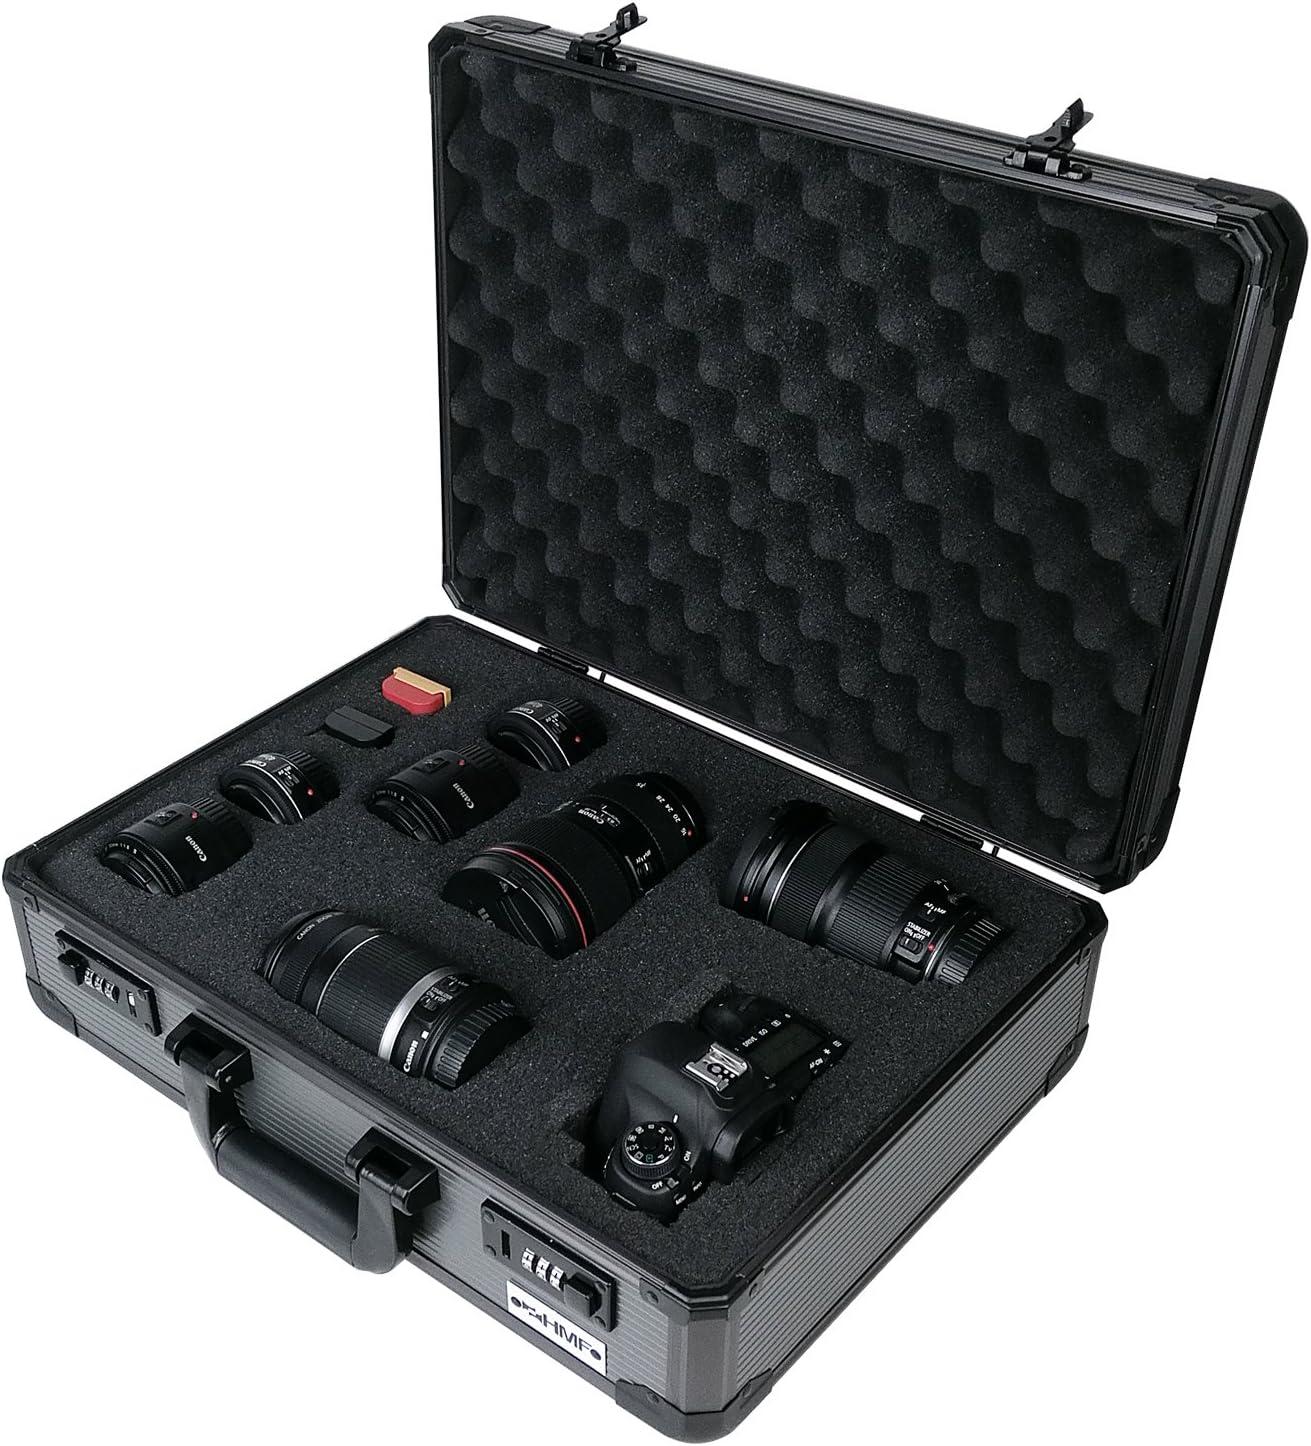 HMF 14402-02 Maletín para cámaras de Fotos y Accesorios, Maleta para Armas, Espuma Personalizable precortada, Aluminio, 46 x 16,5 x 36,5 cm